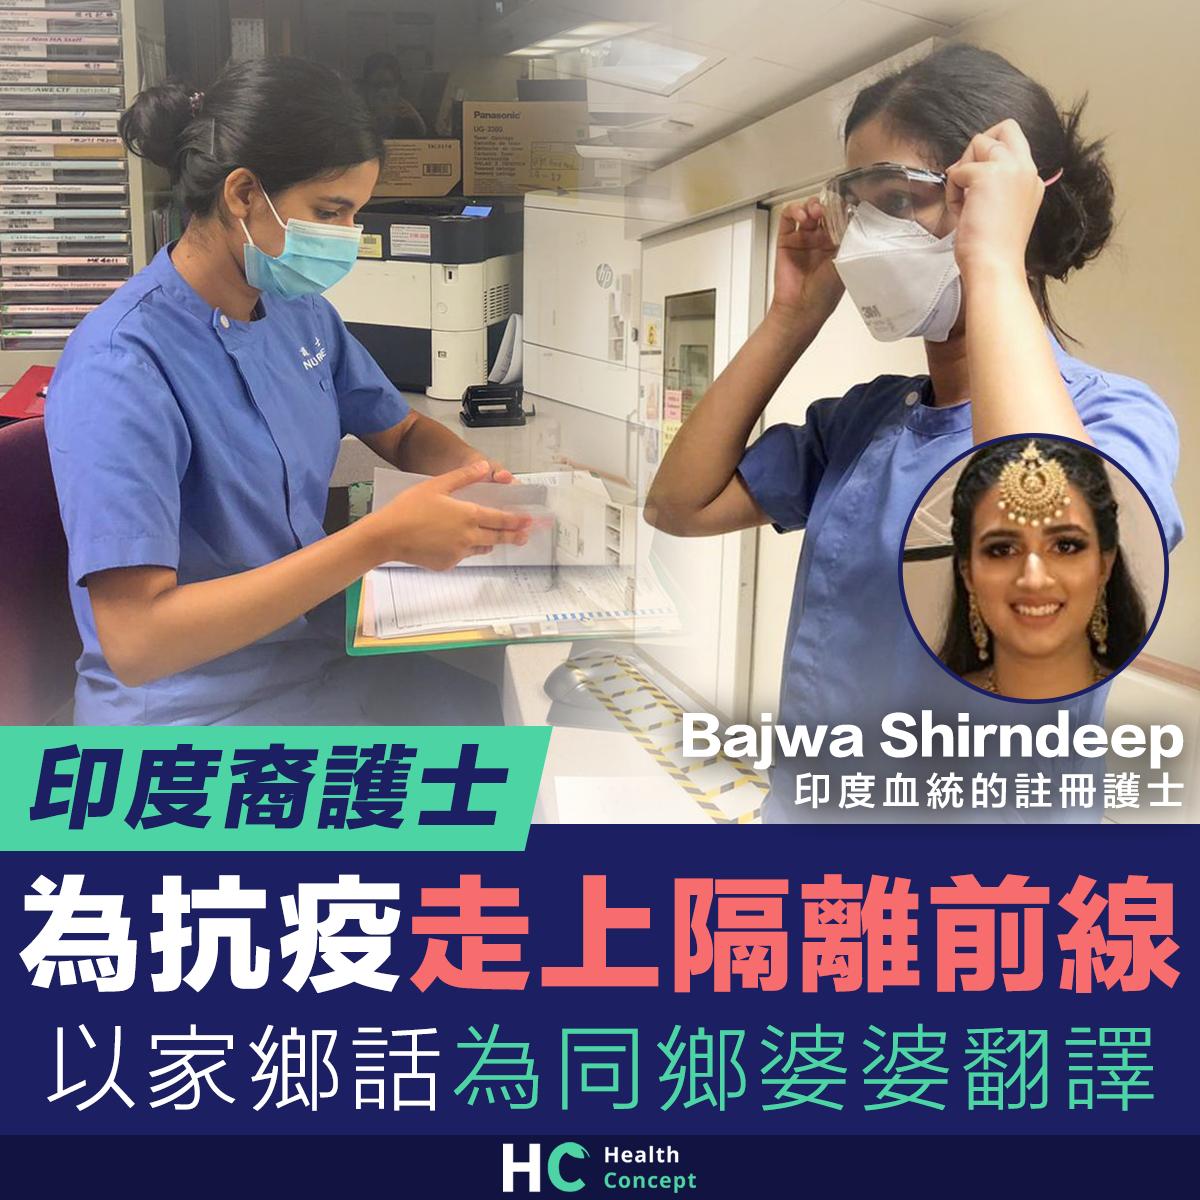 【新型肺炎】印裔護士走上隔離前線 以家鄉話為同鄉婆婆翻譯